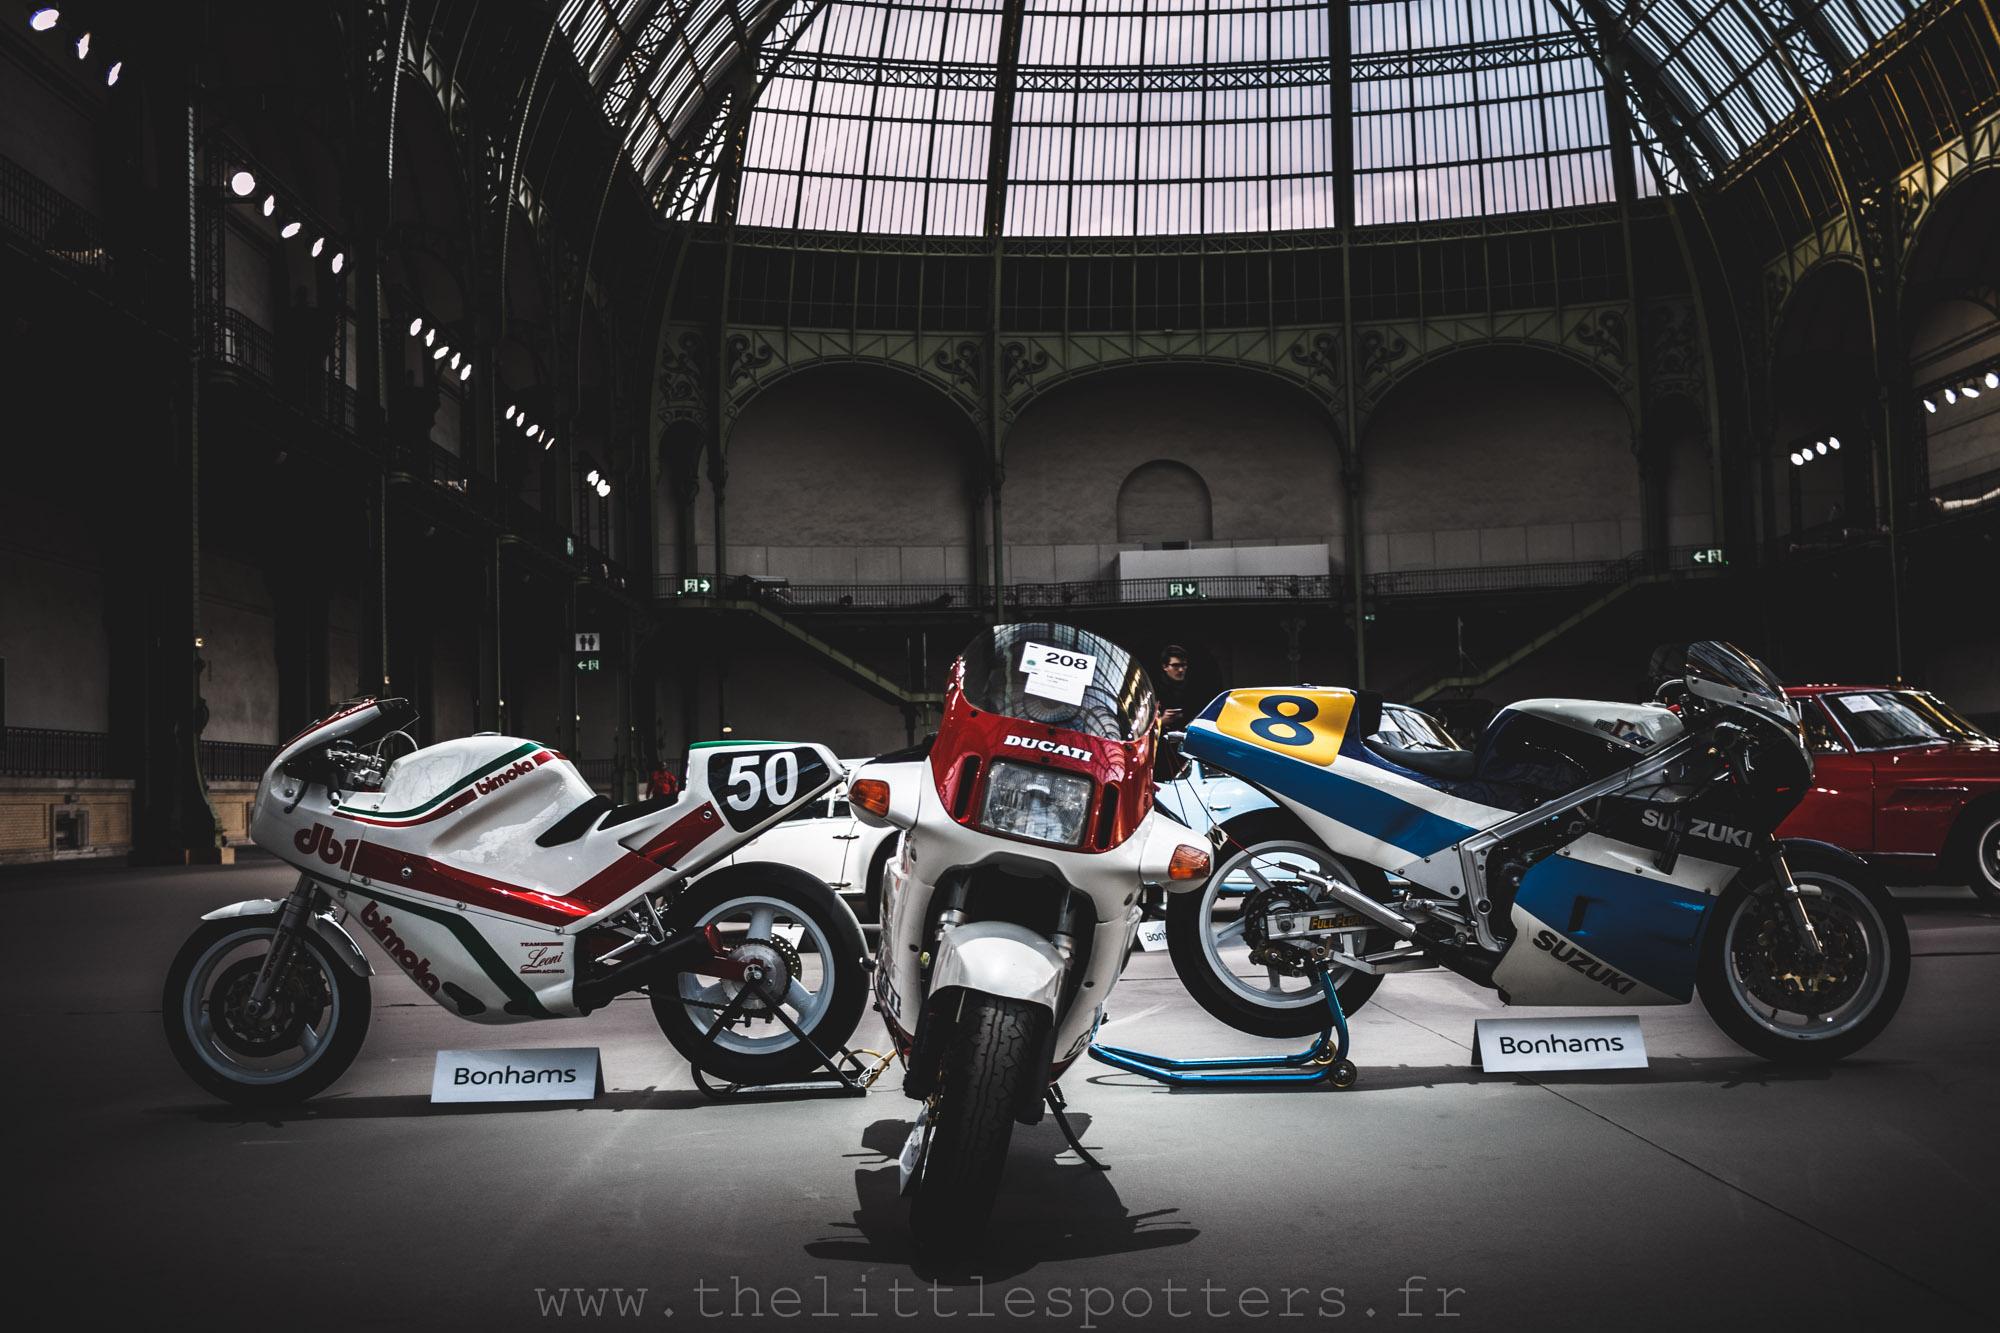 Toujours de belles motos dans le catalogue !